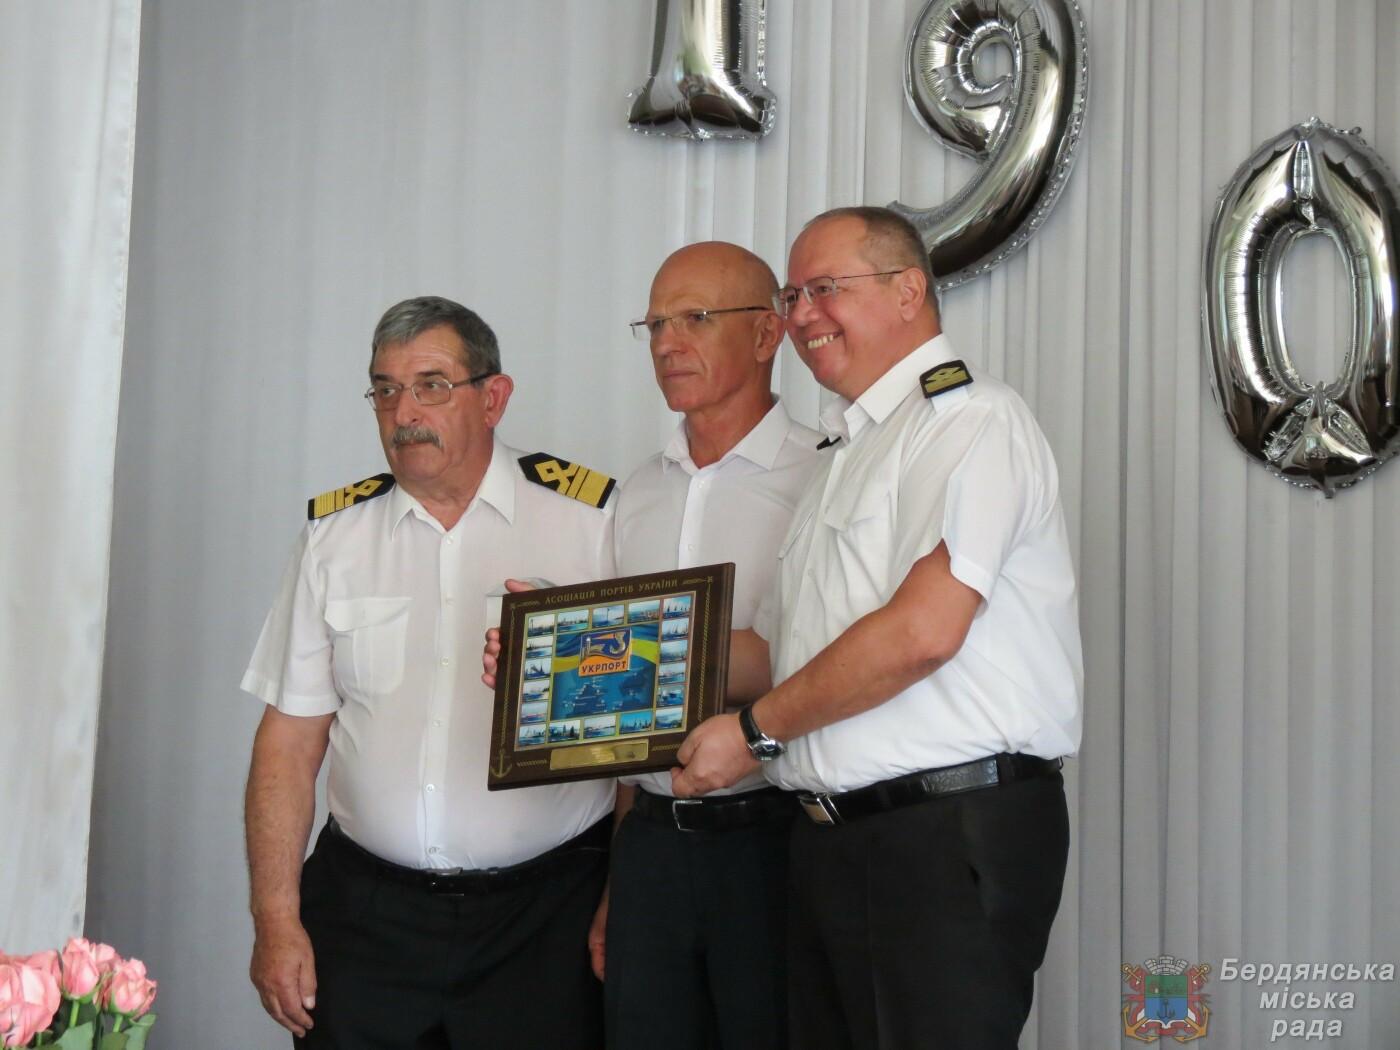 Работники Бердянского порта отмечают свой профессиональный праздник и 190 лет предприятию, фото-17